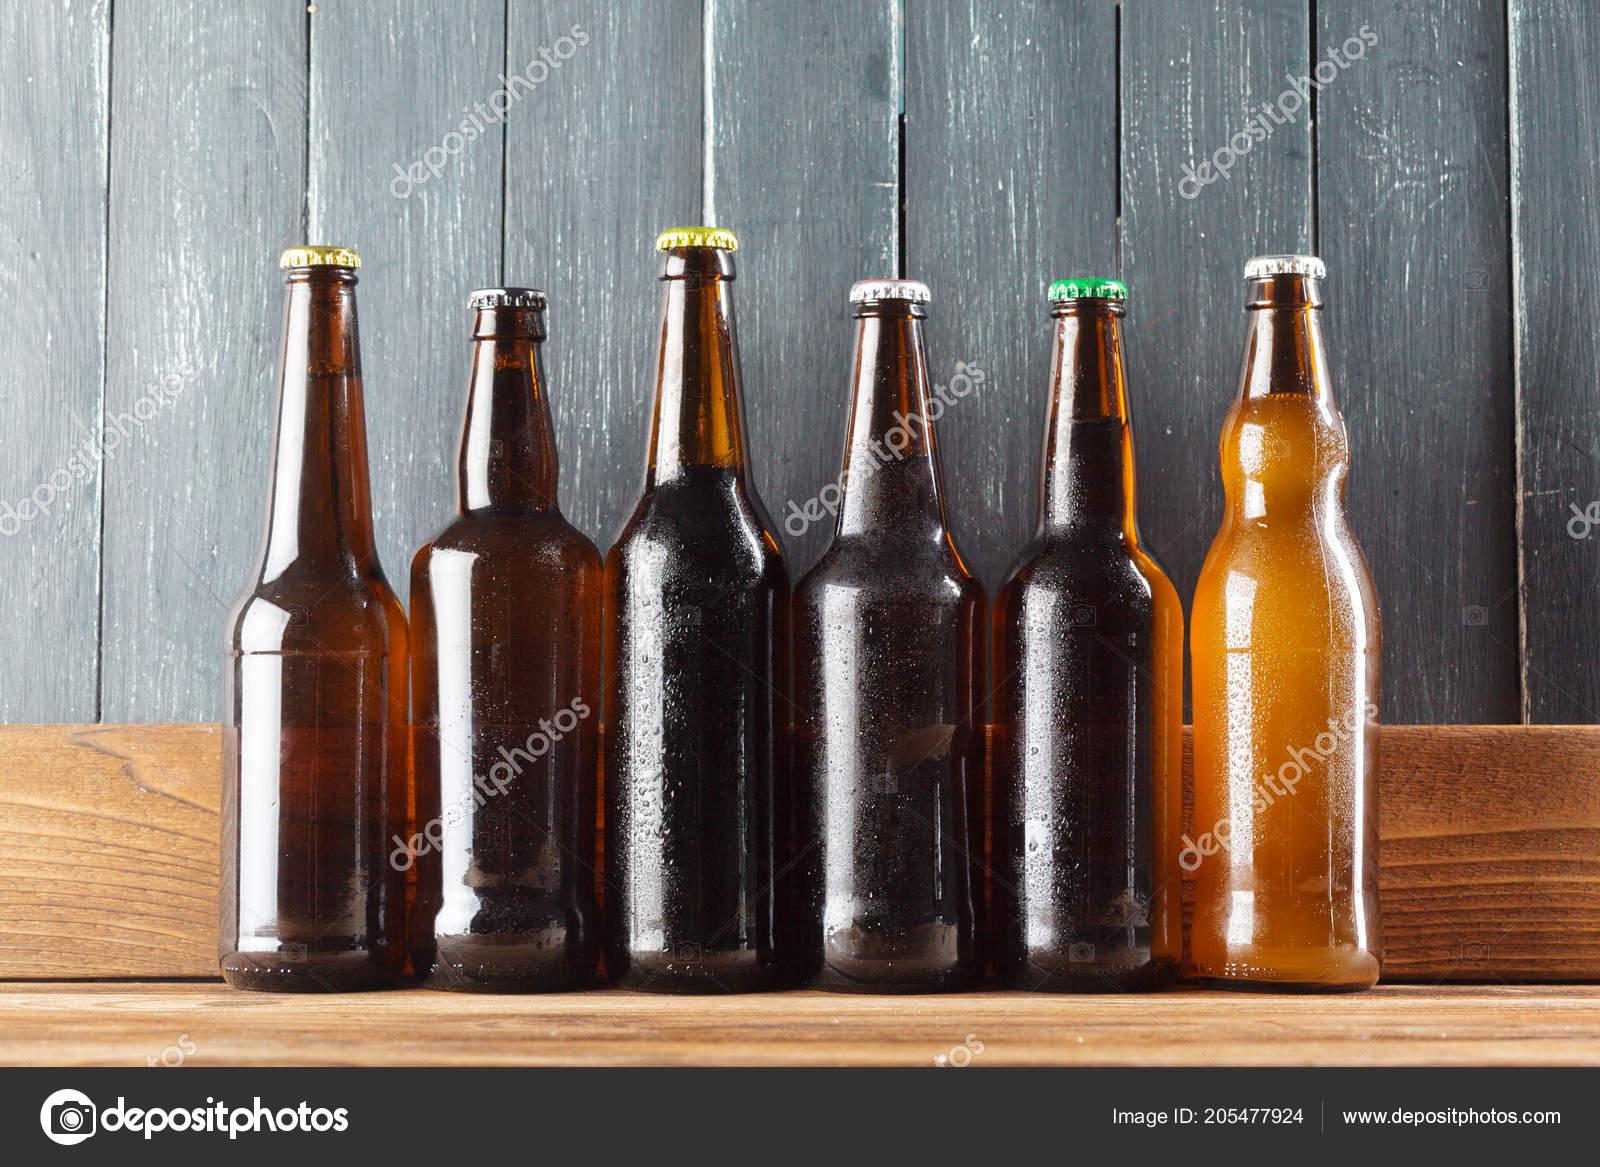 μπουκάλια μπύραευκαιρία ost ραντεβού Πρακτορείο Σιρανό